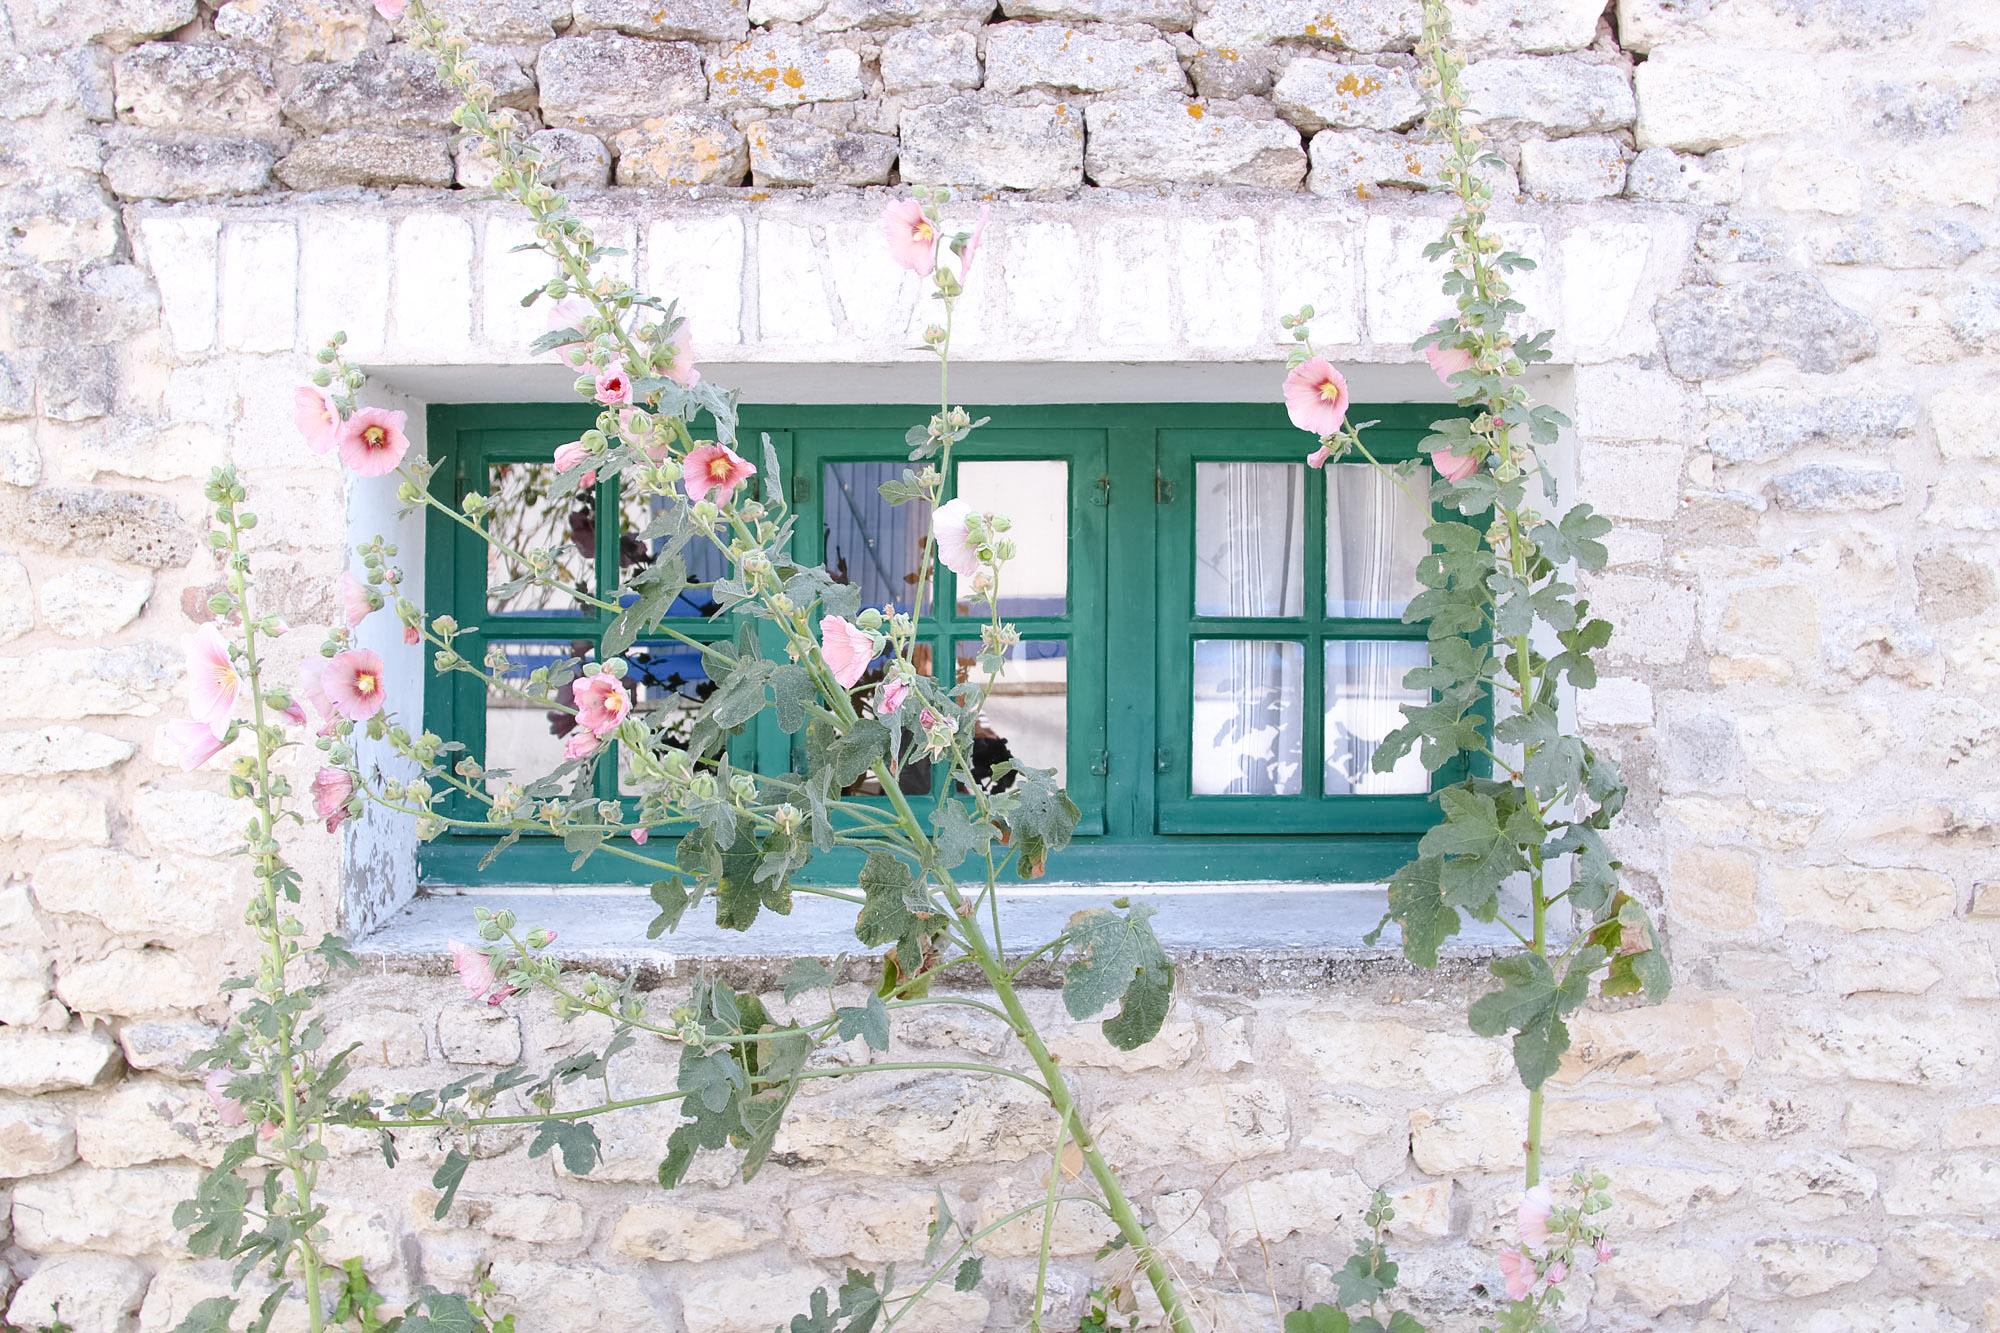 Elodie-Blog-village-arceau-fenetre